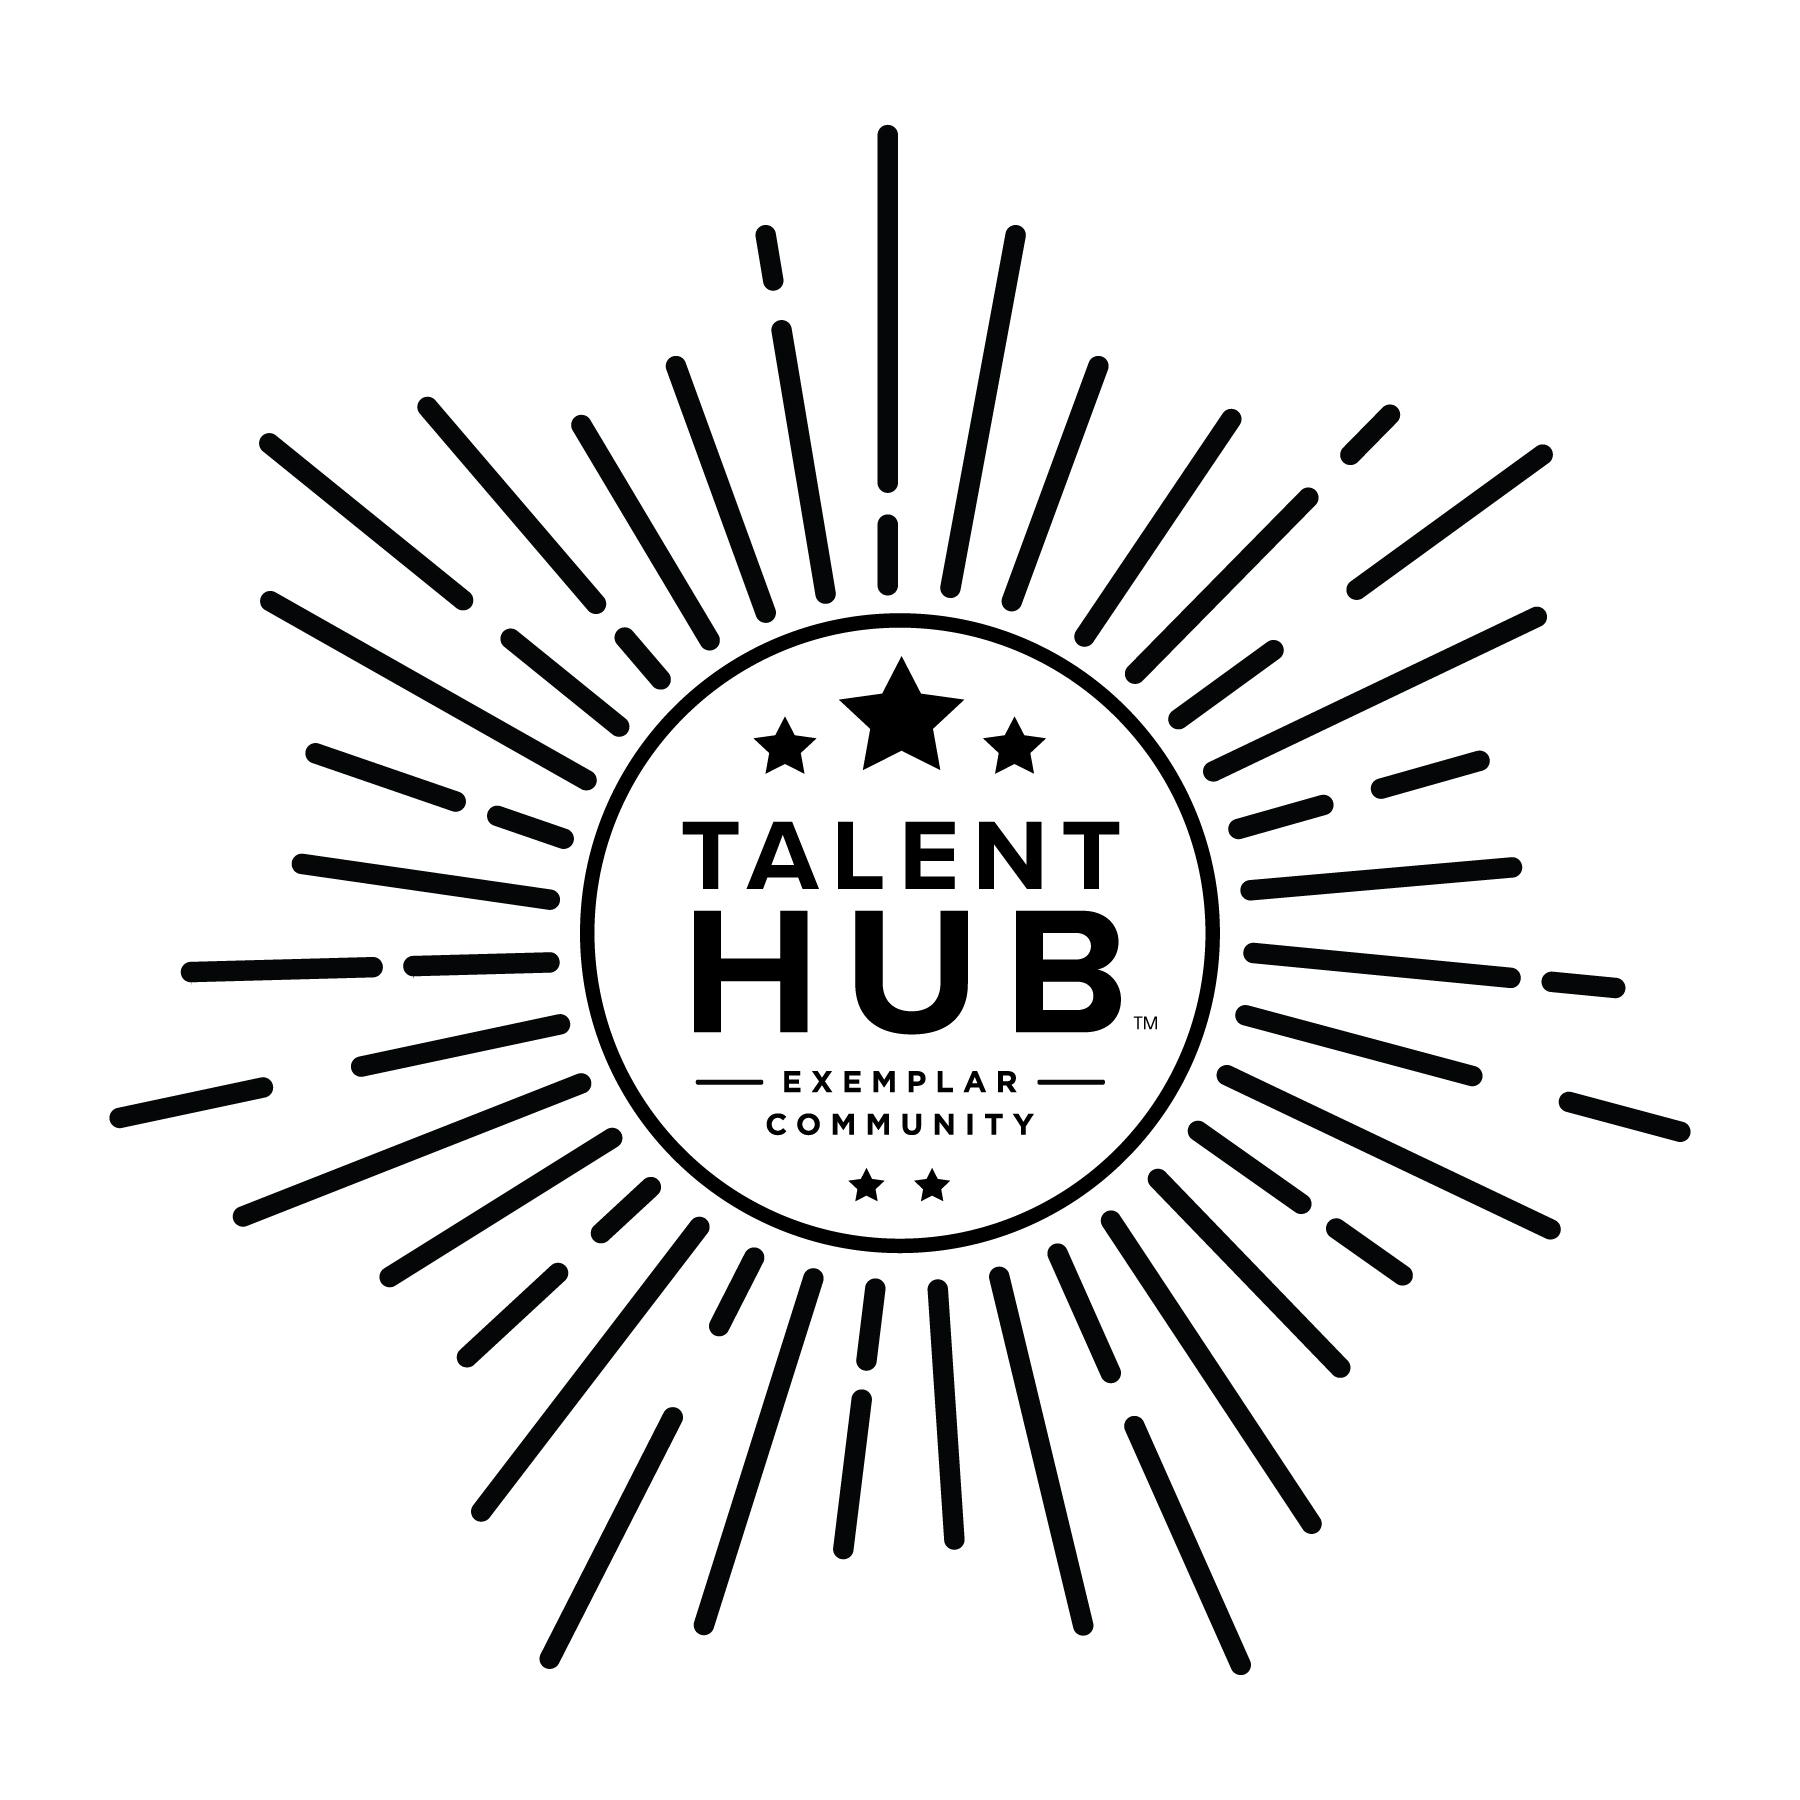 Talent Hub Certification Mark.jpg